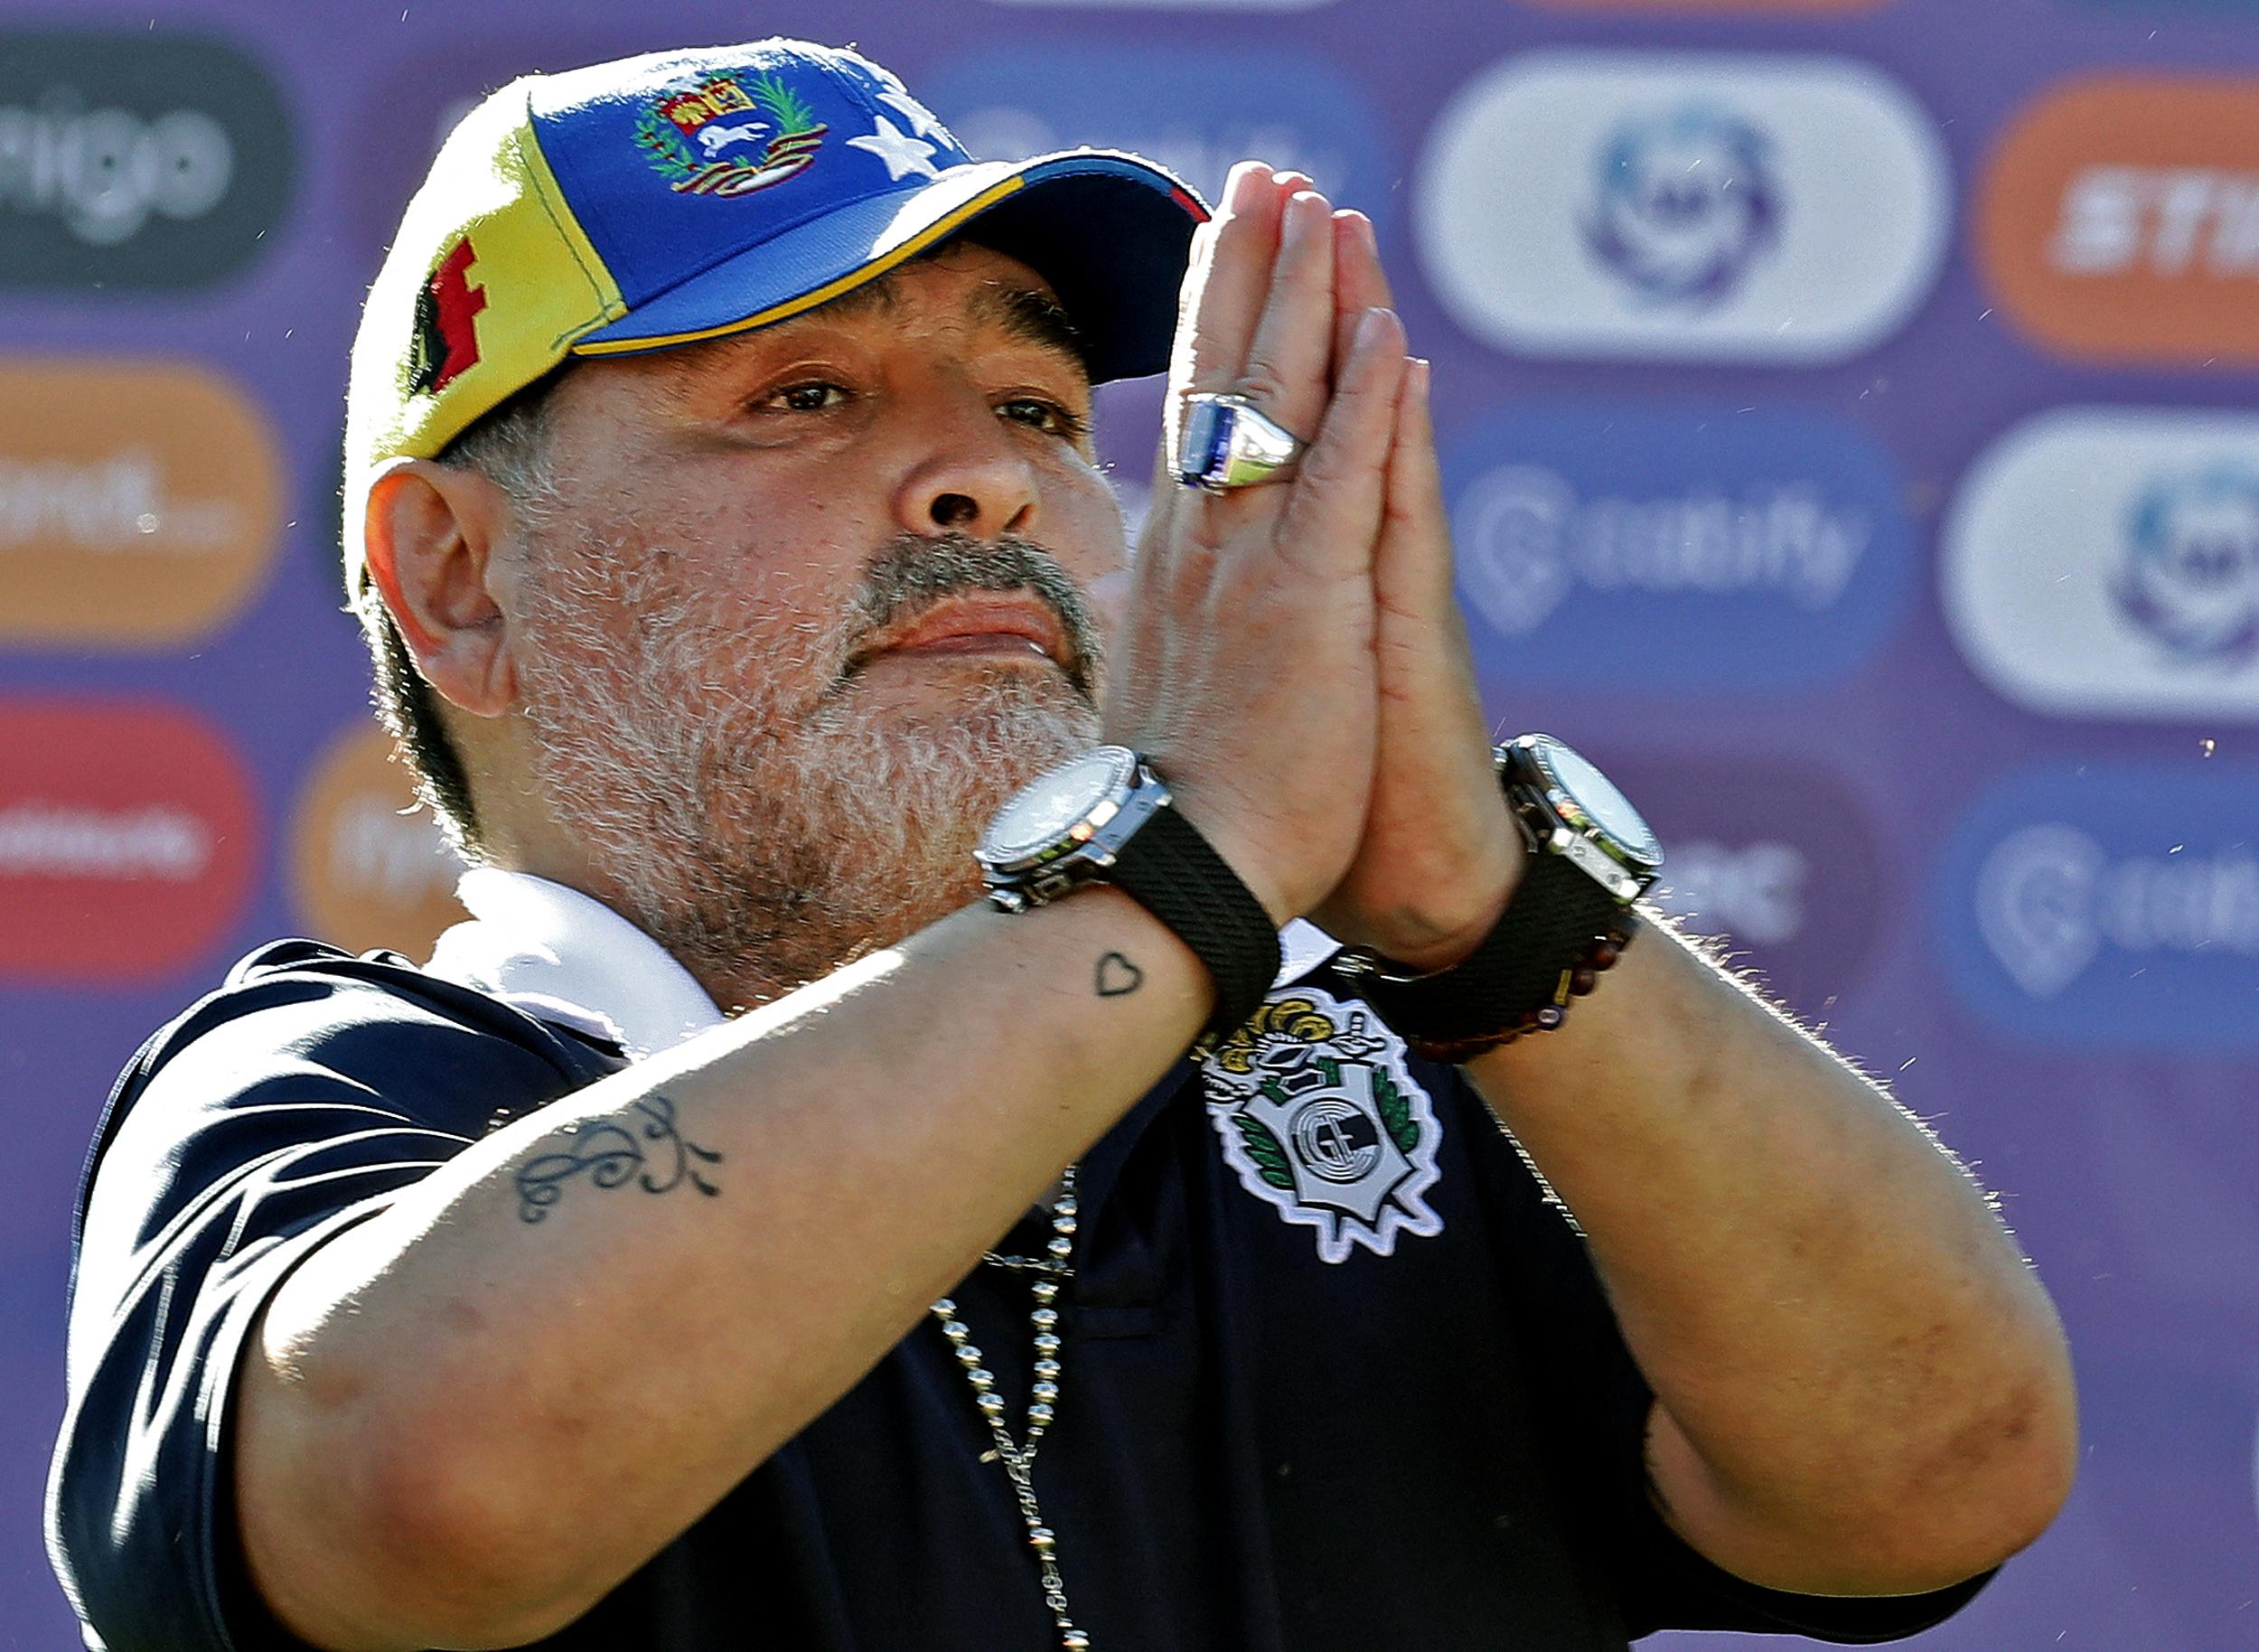 Jön a Maradona Kupa: Barcelona-Boca Juniors meccs lesz Szaúd-Arábiában